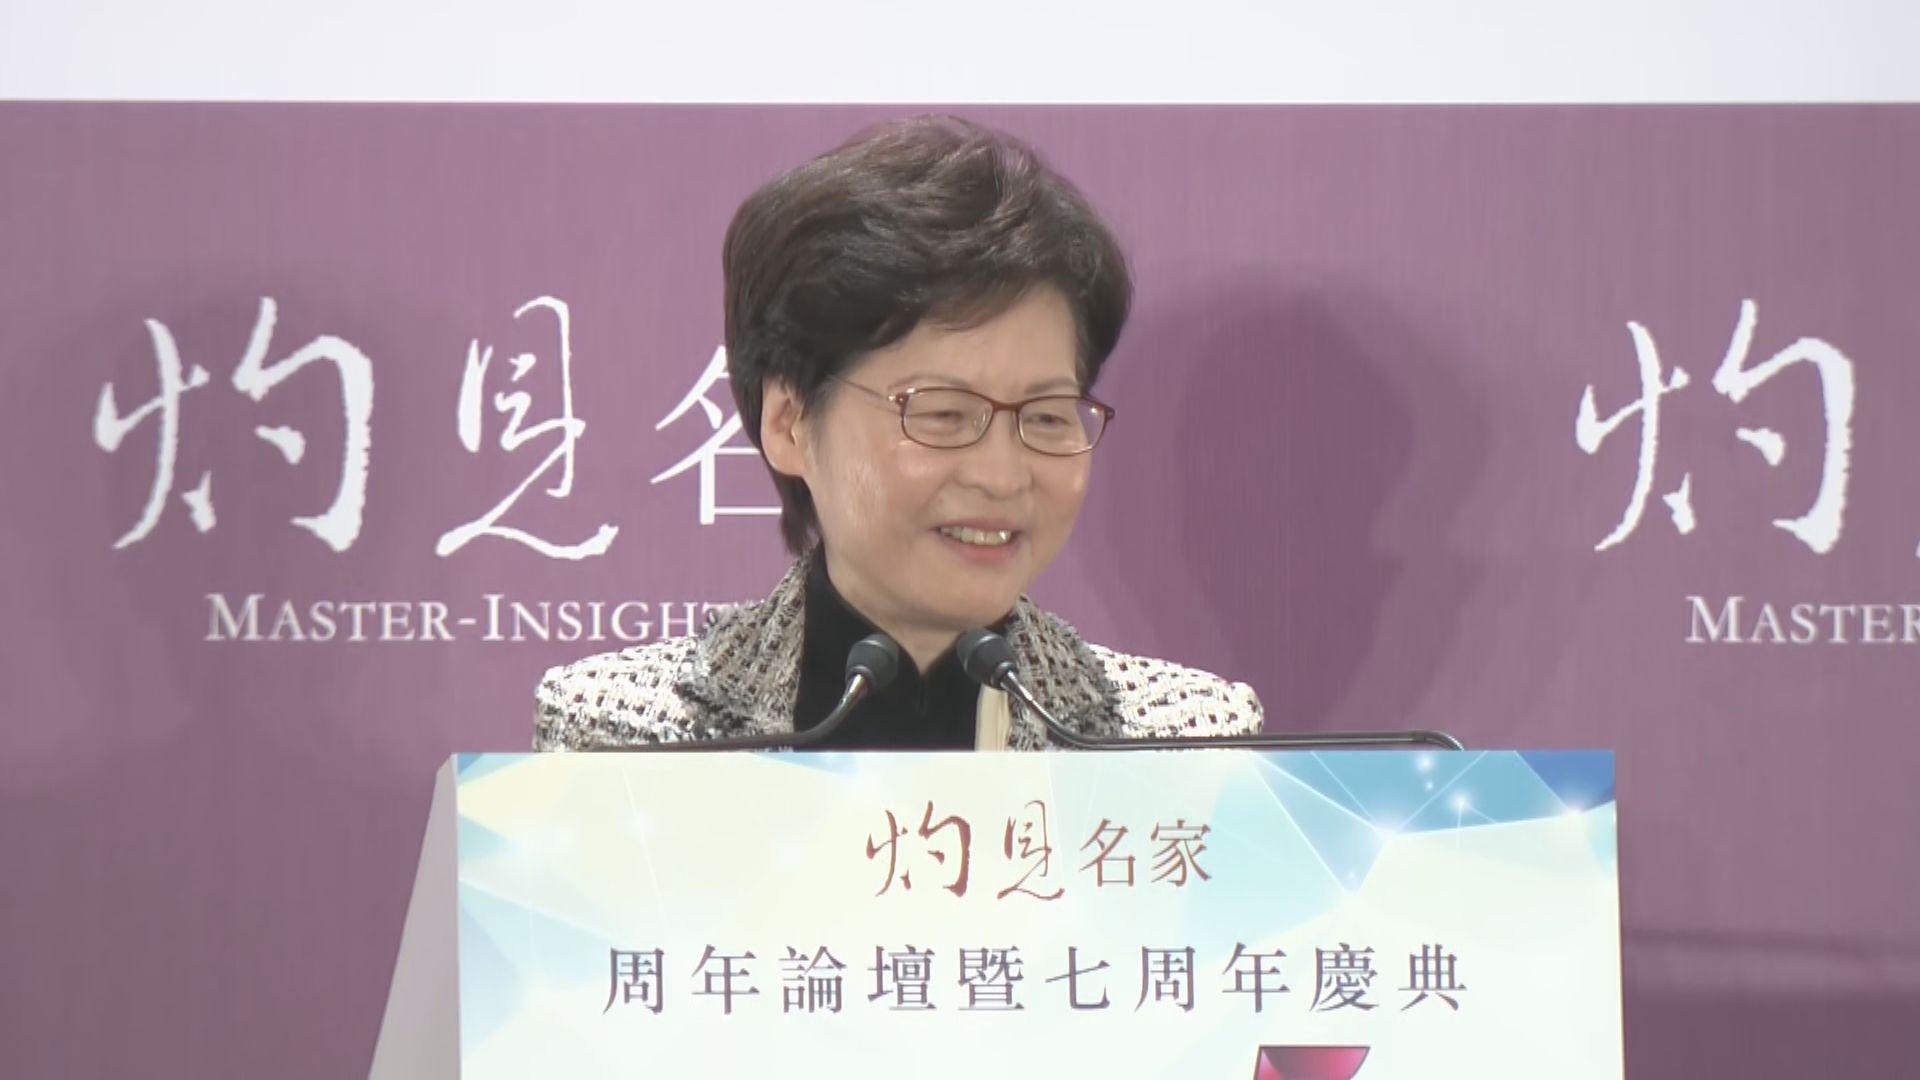 林鄭料未來五年工作更稱心 籲有志者參選立法會